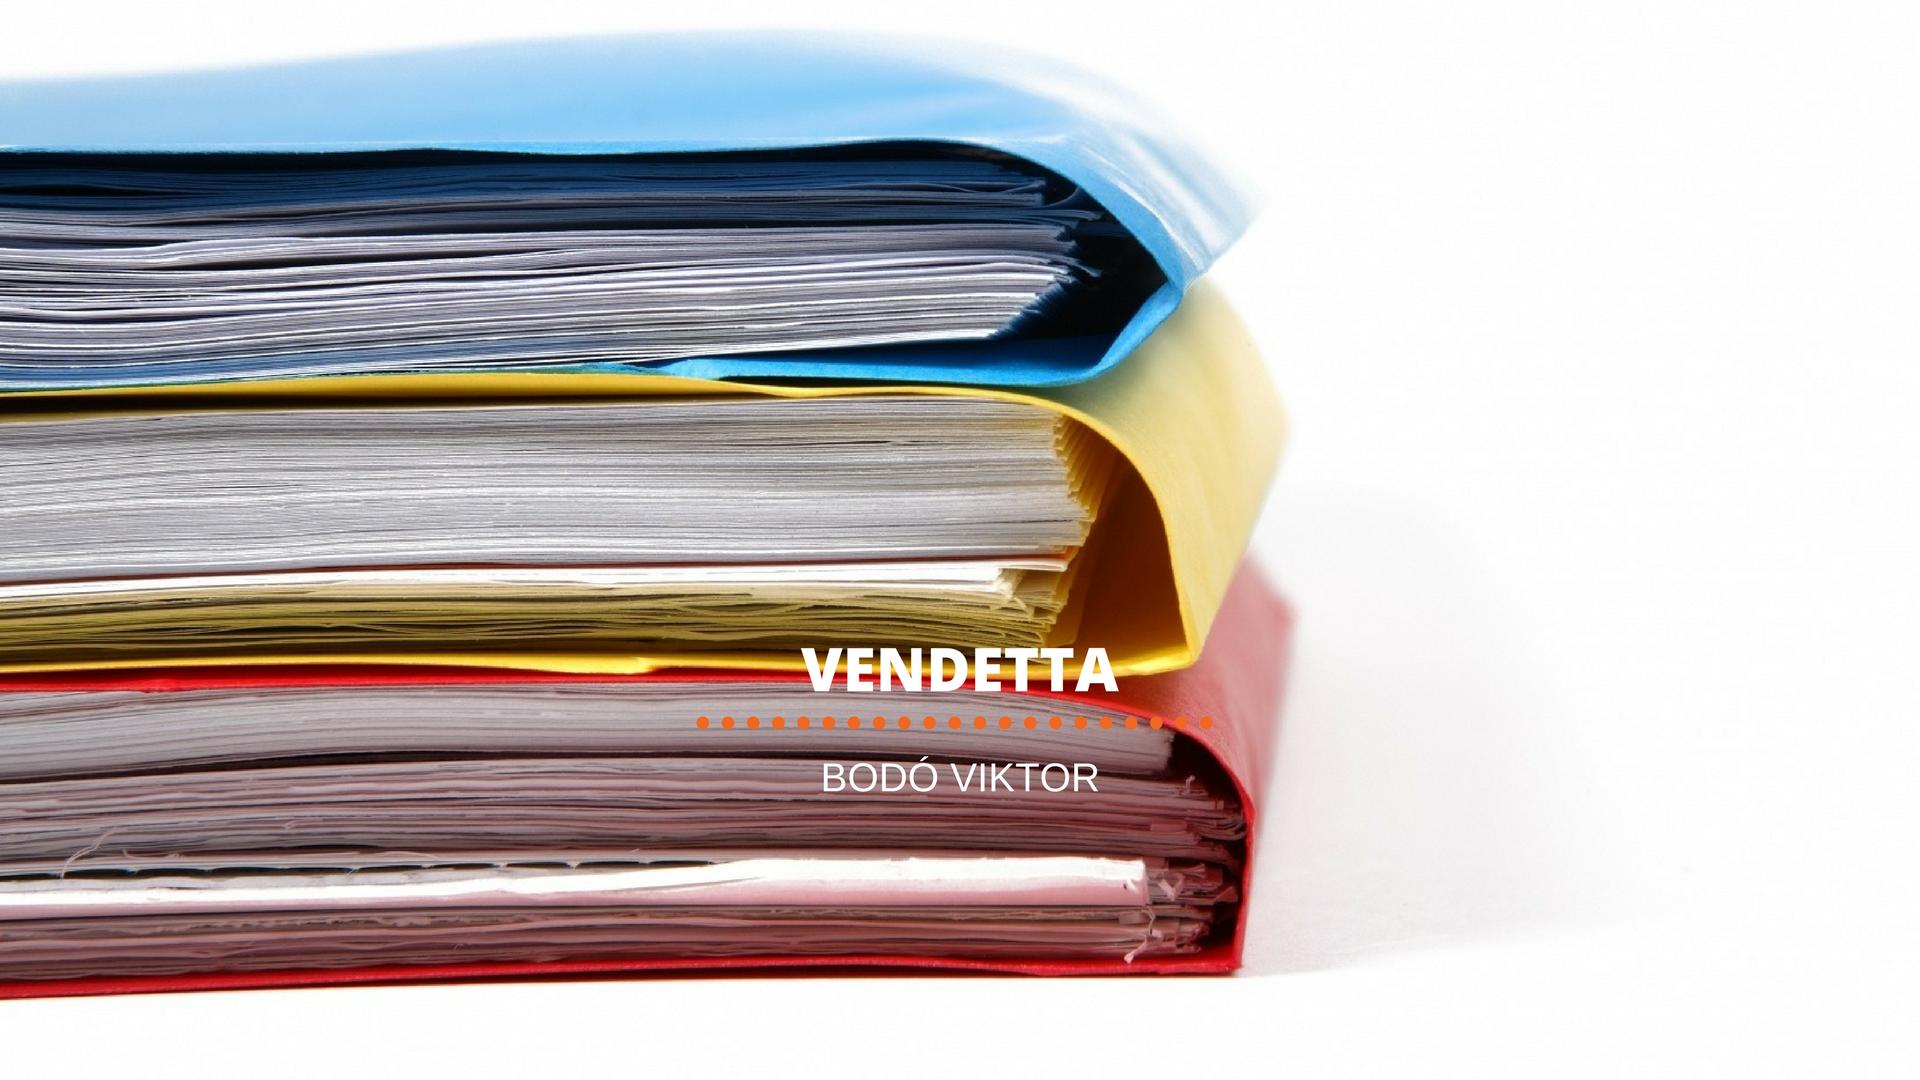 Bodó: Vendetta